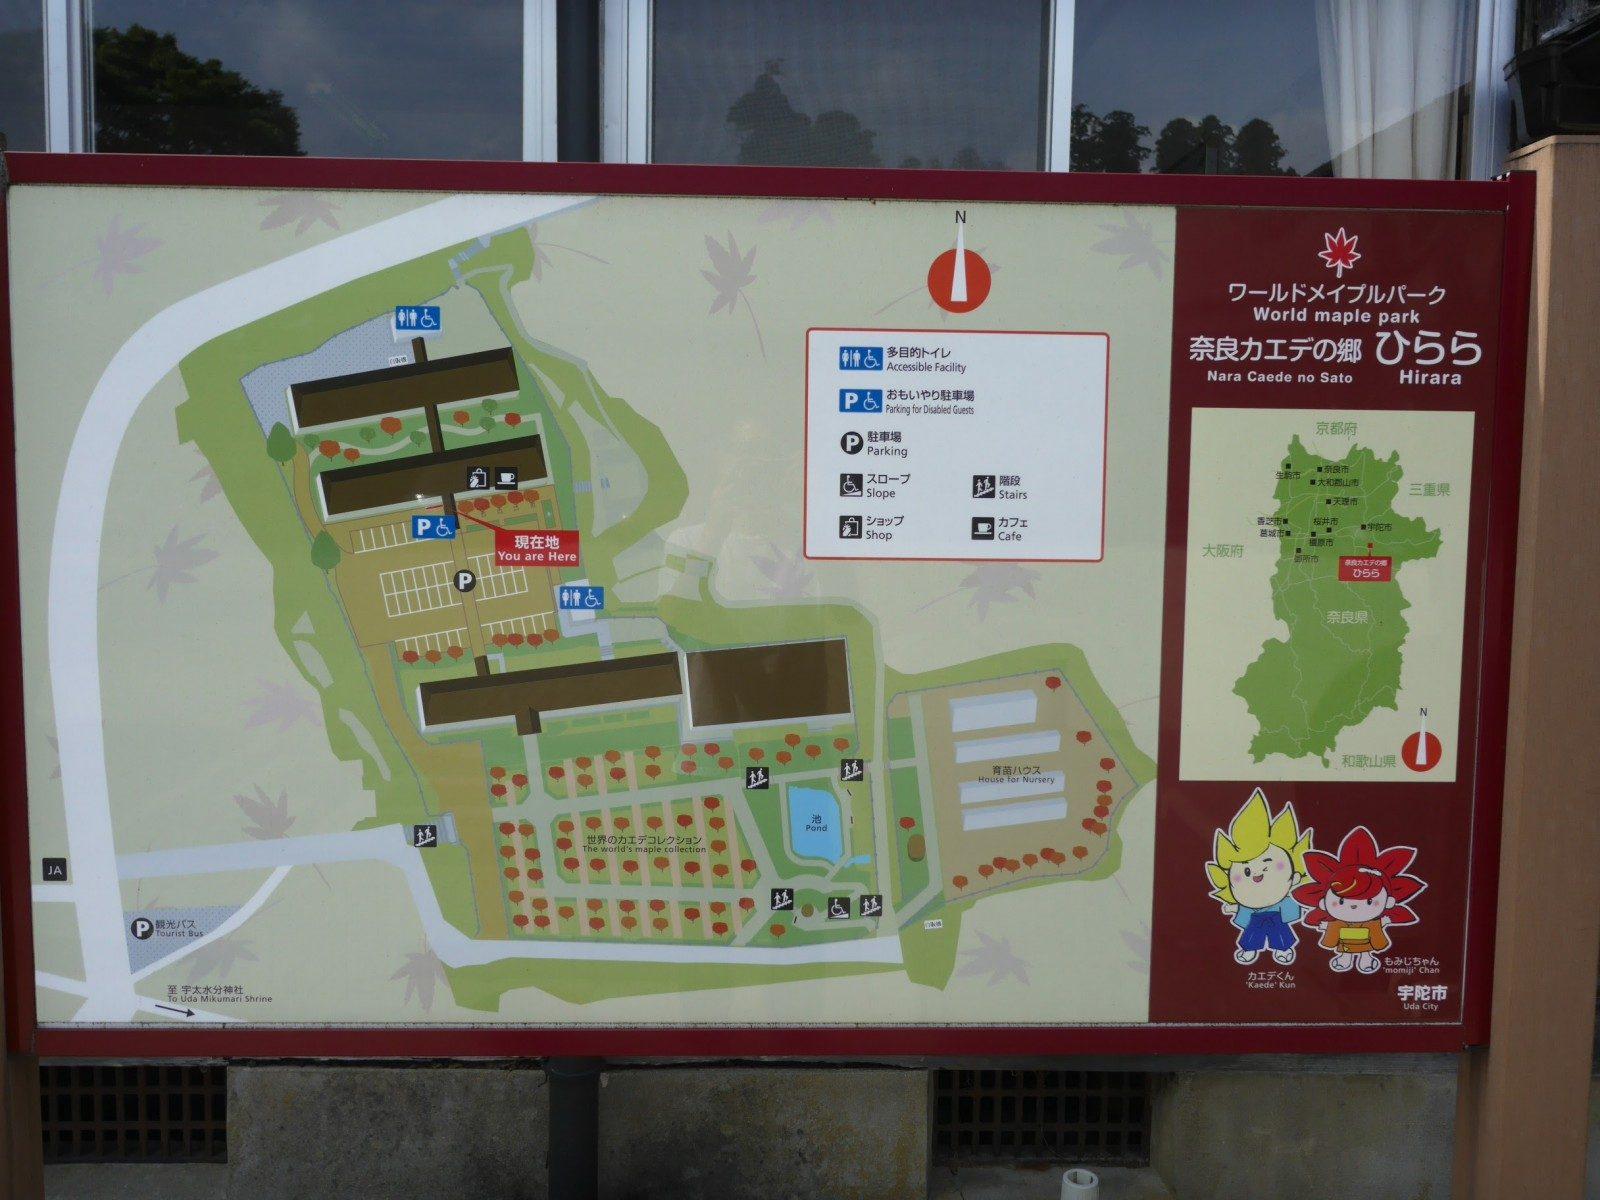 奈良県宇陀市おすすめカフェ!ワールドメイプルパーク「Cafeカエデ」で給食ランチはどう?